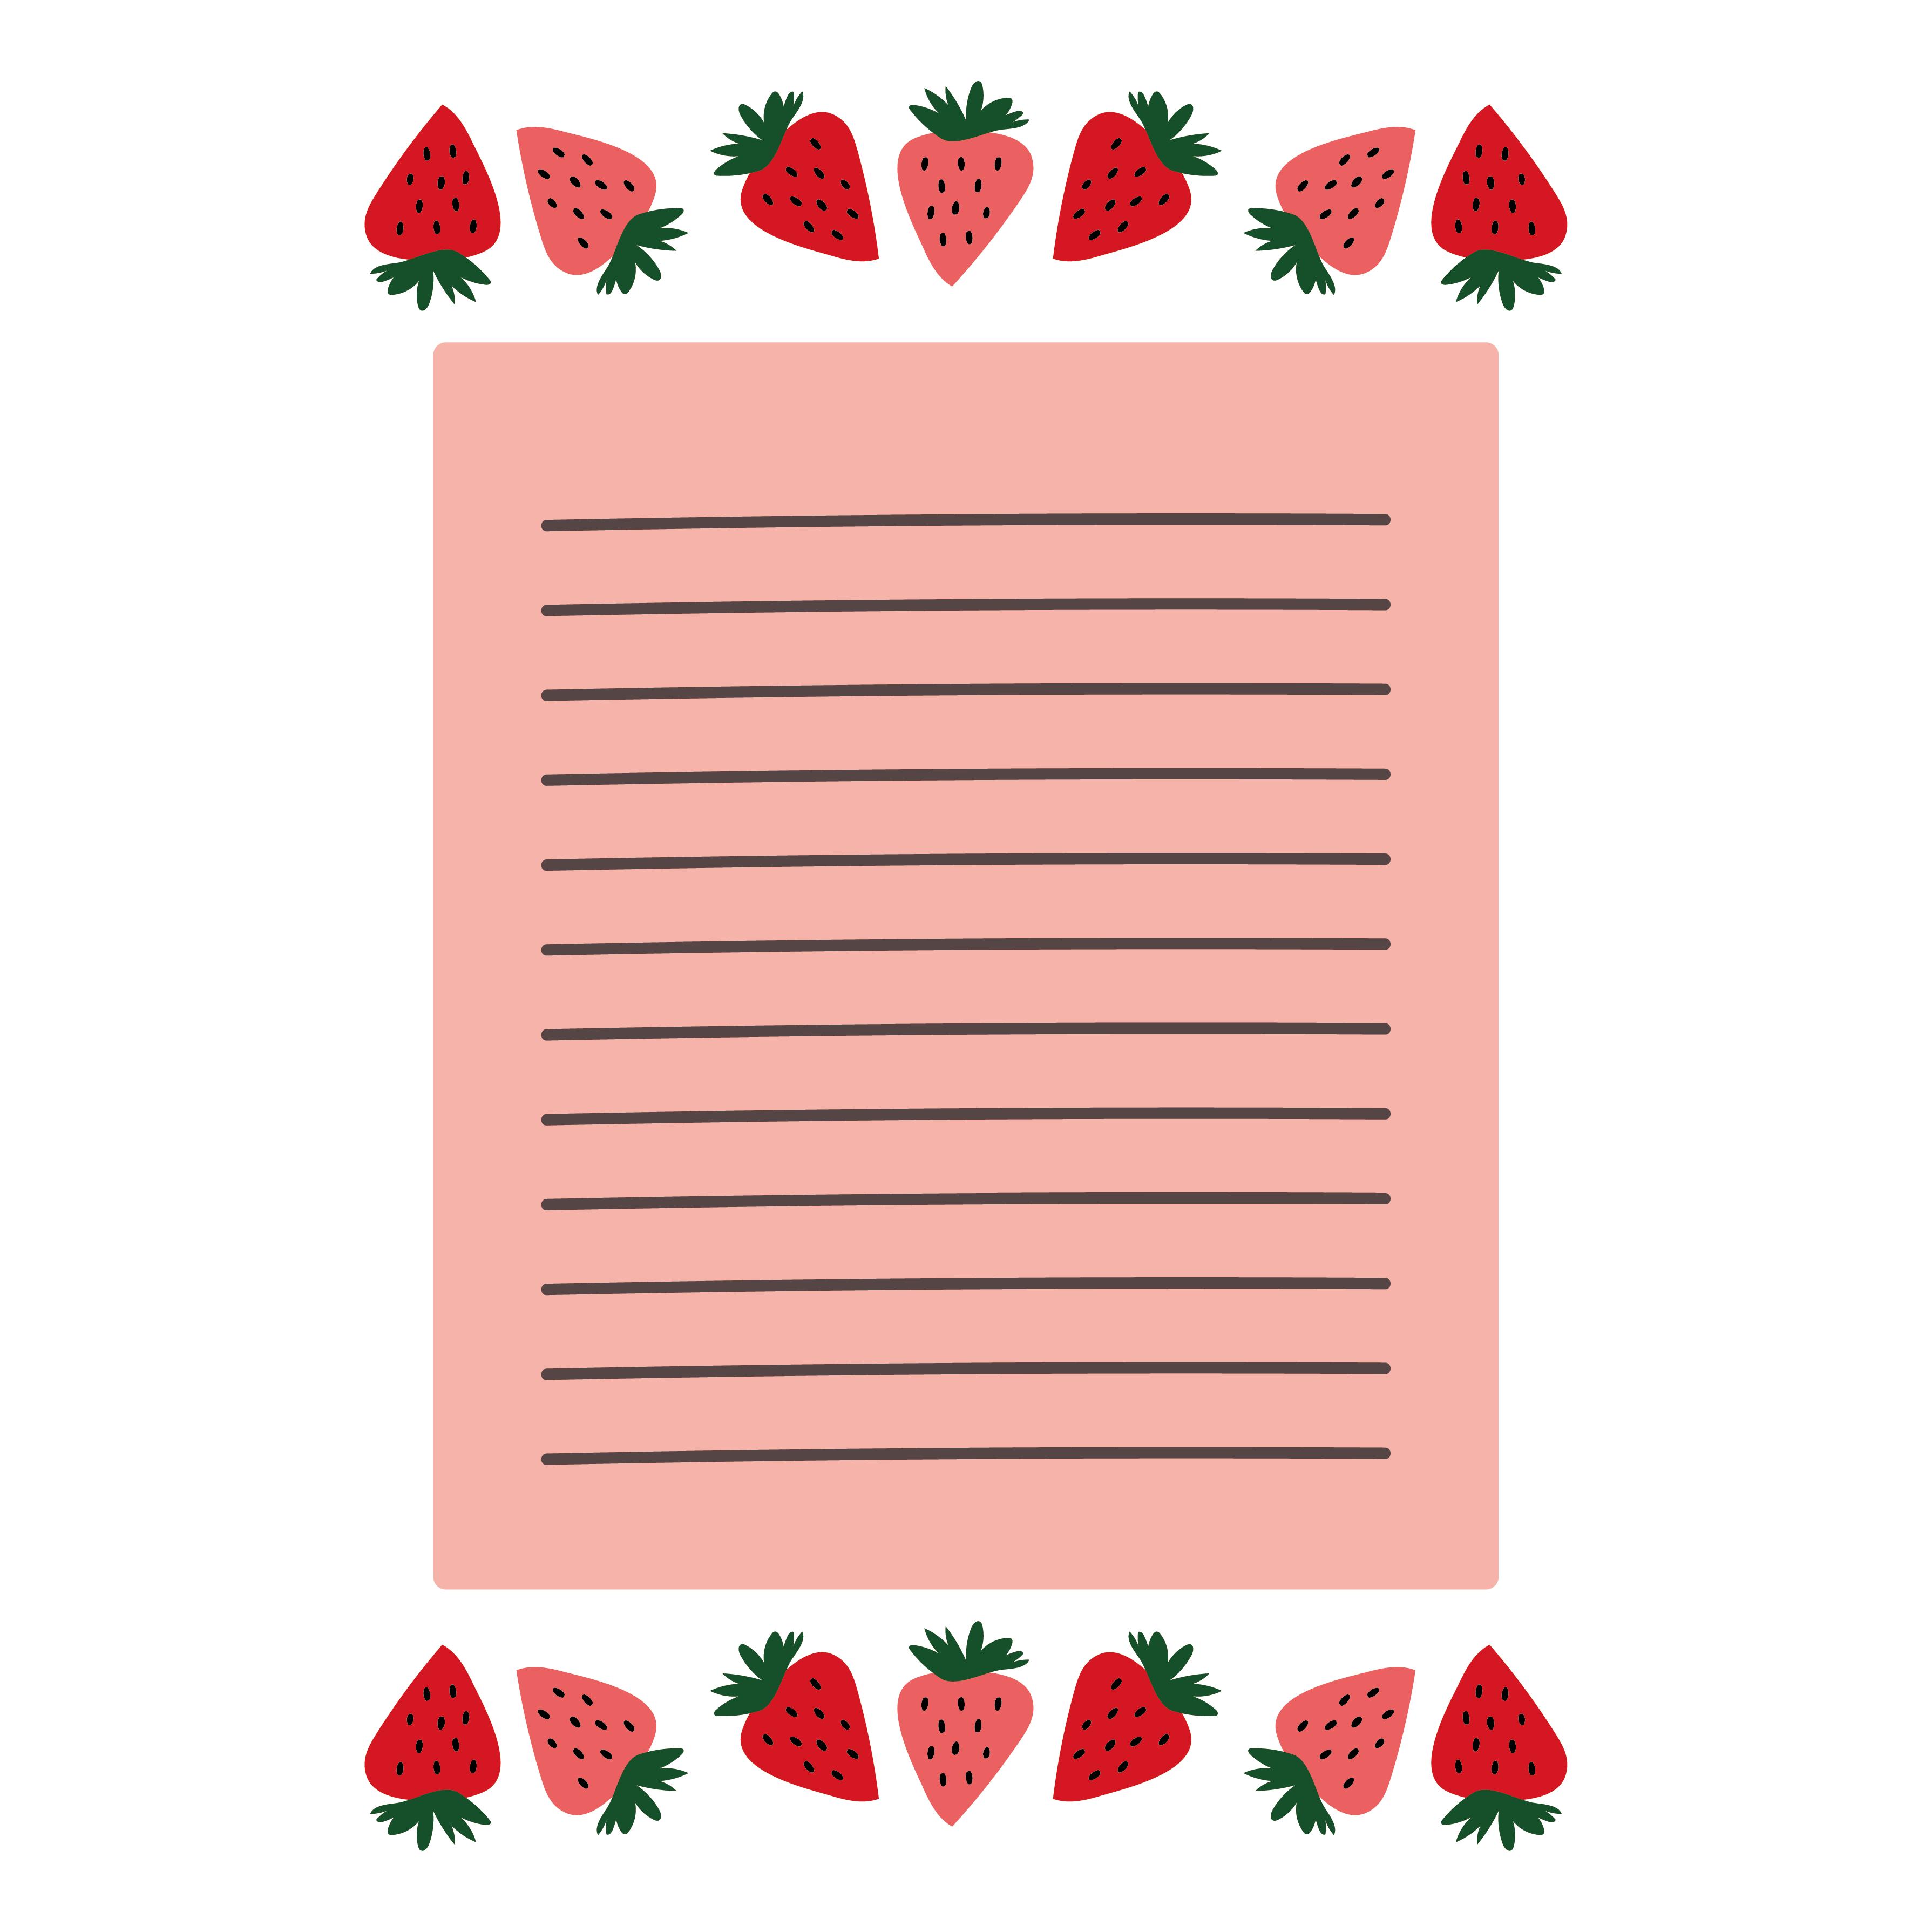 苺(いちご)のちょっとレトロなフレーム(便箋・枠)のイラスト A4サイズ